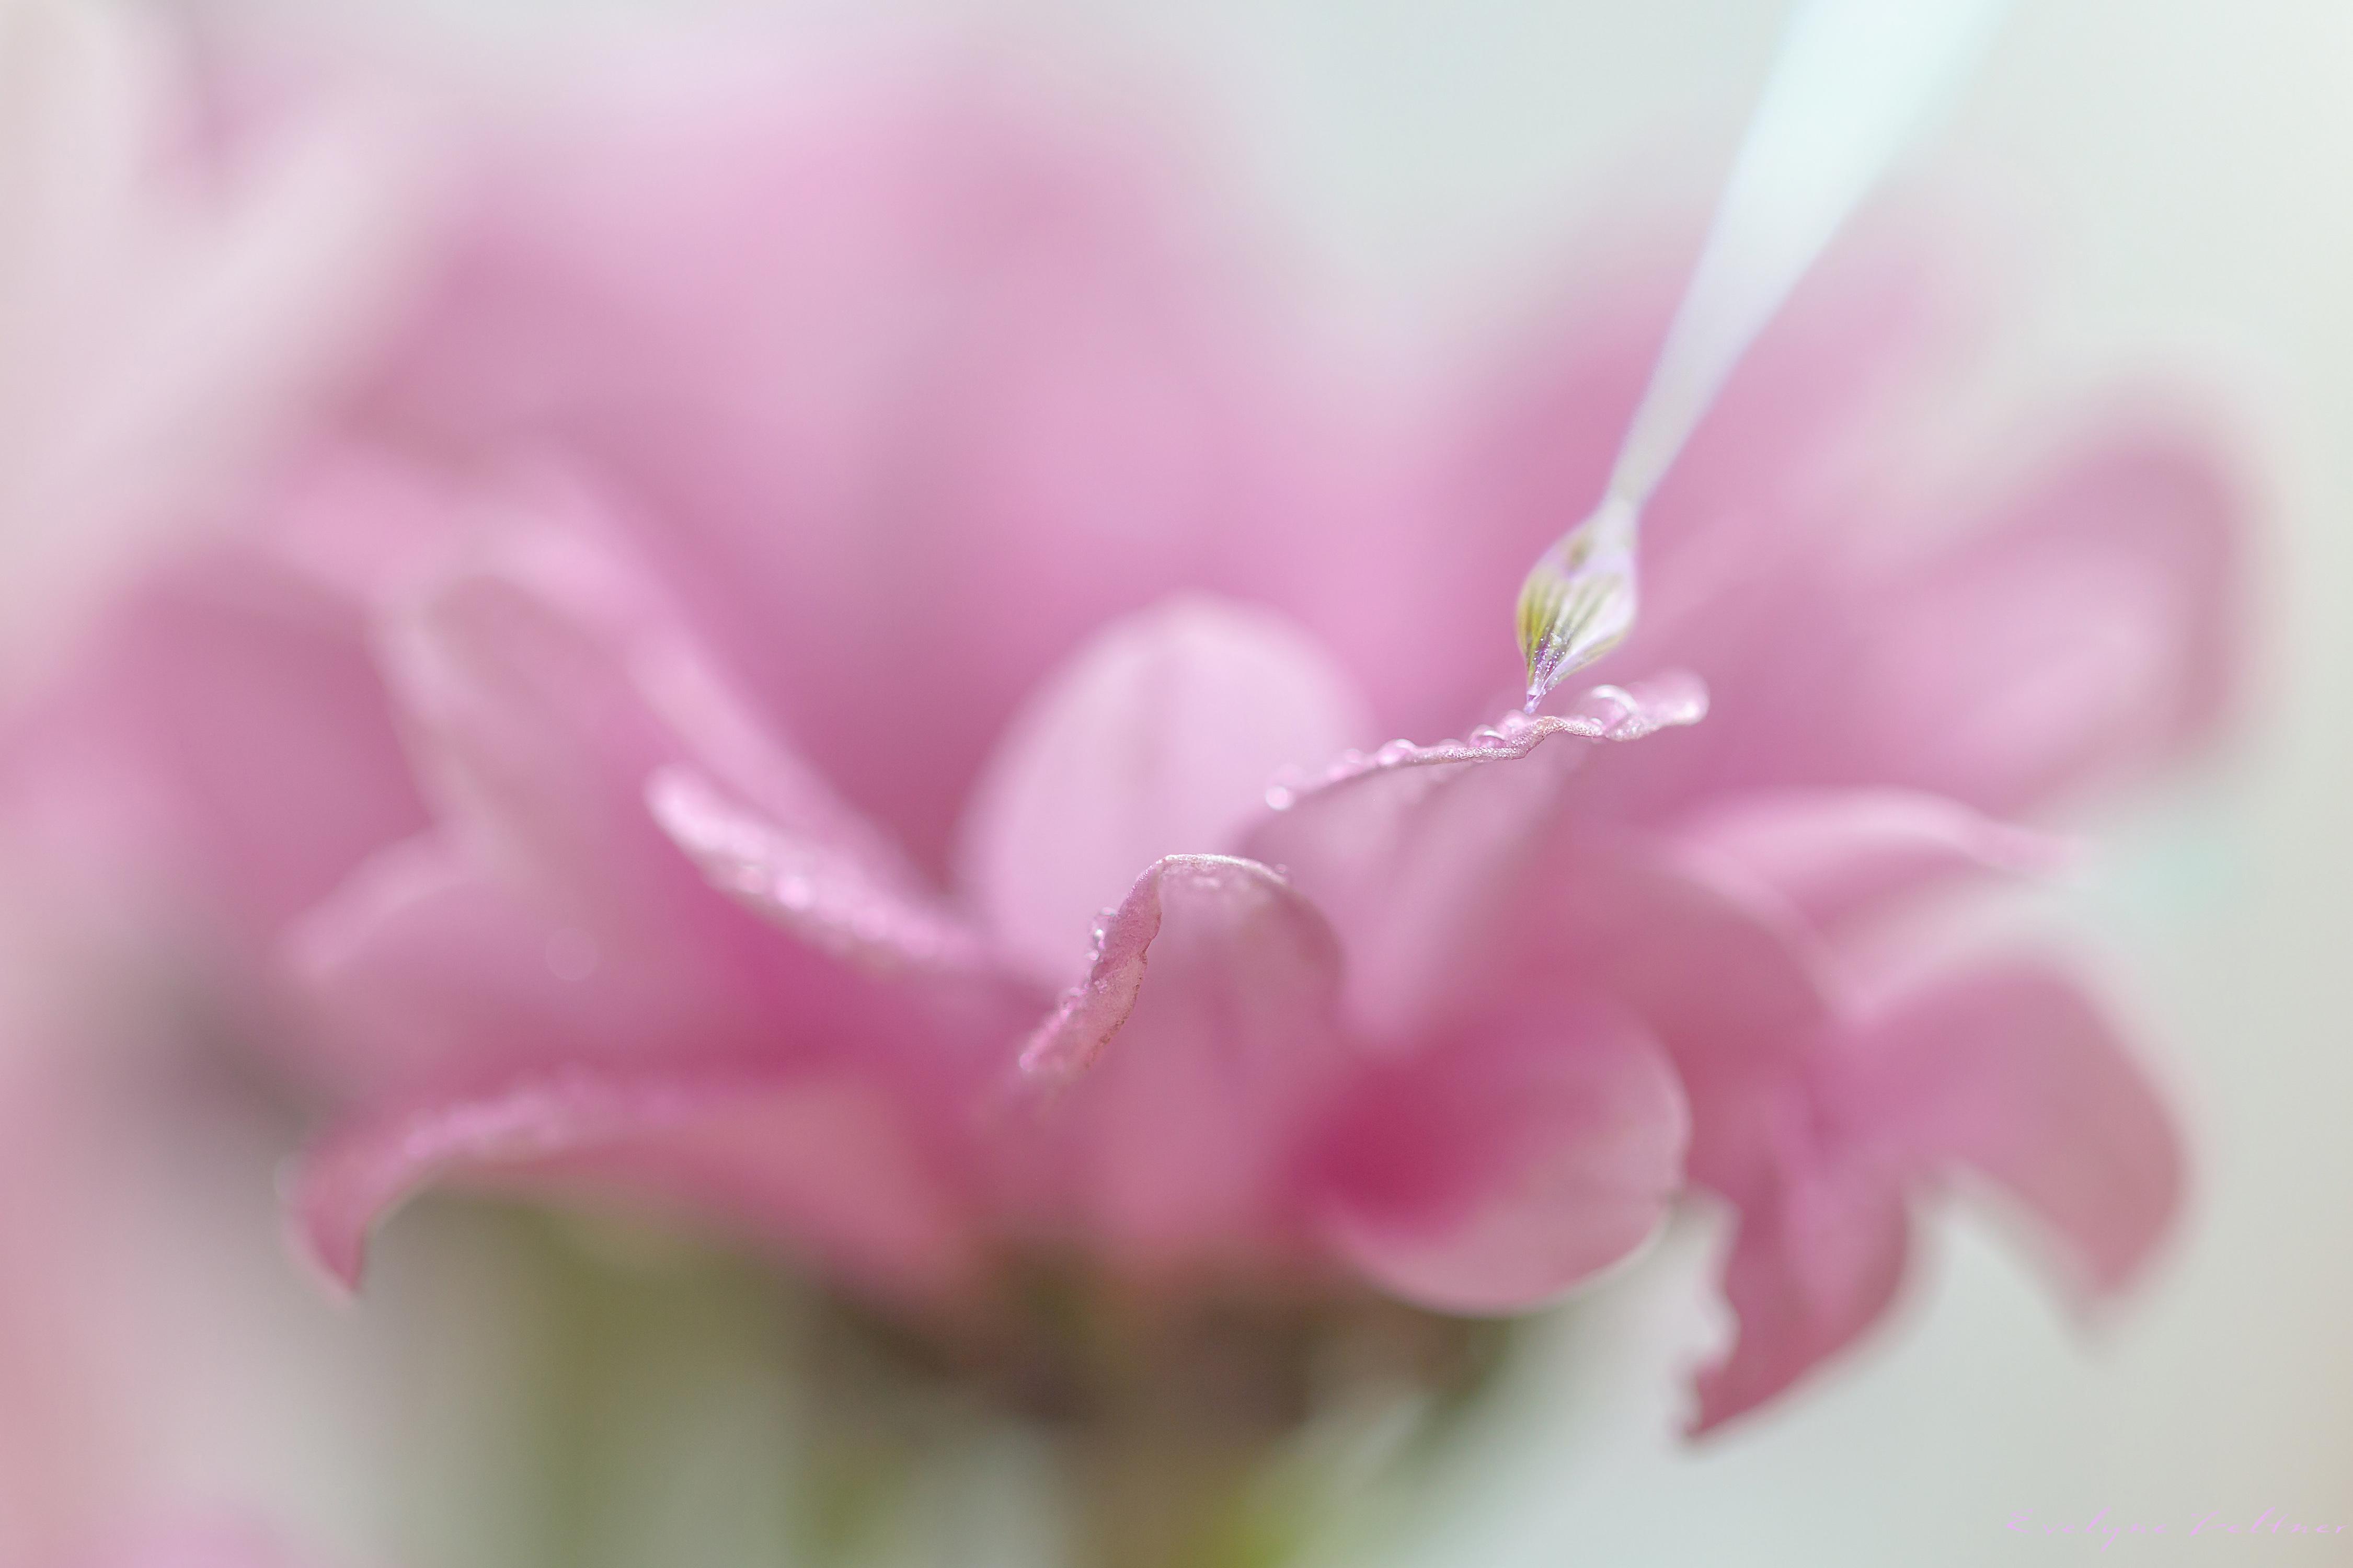 Peindre la douceur des fleurs